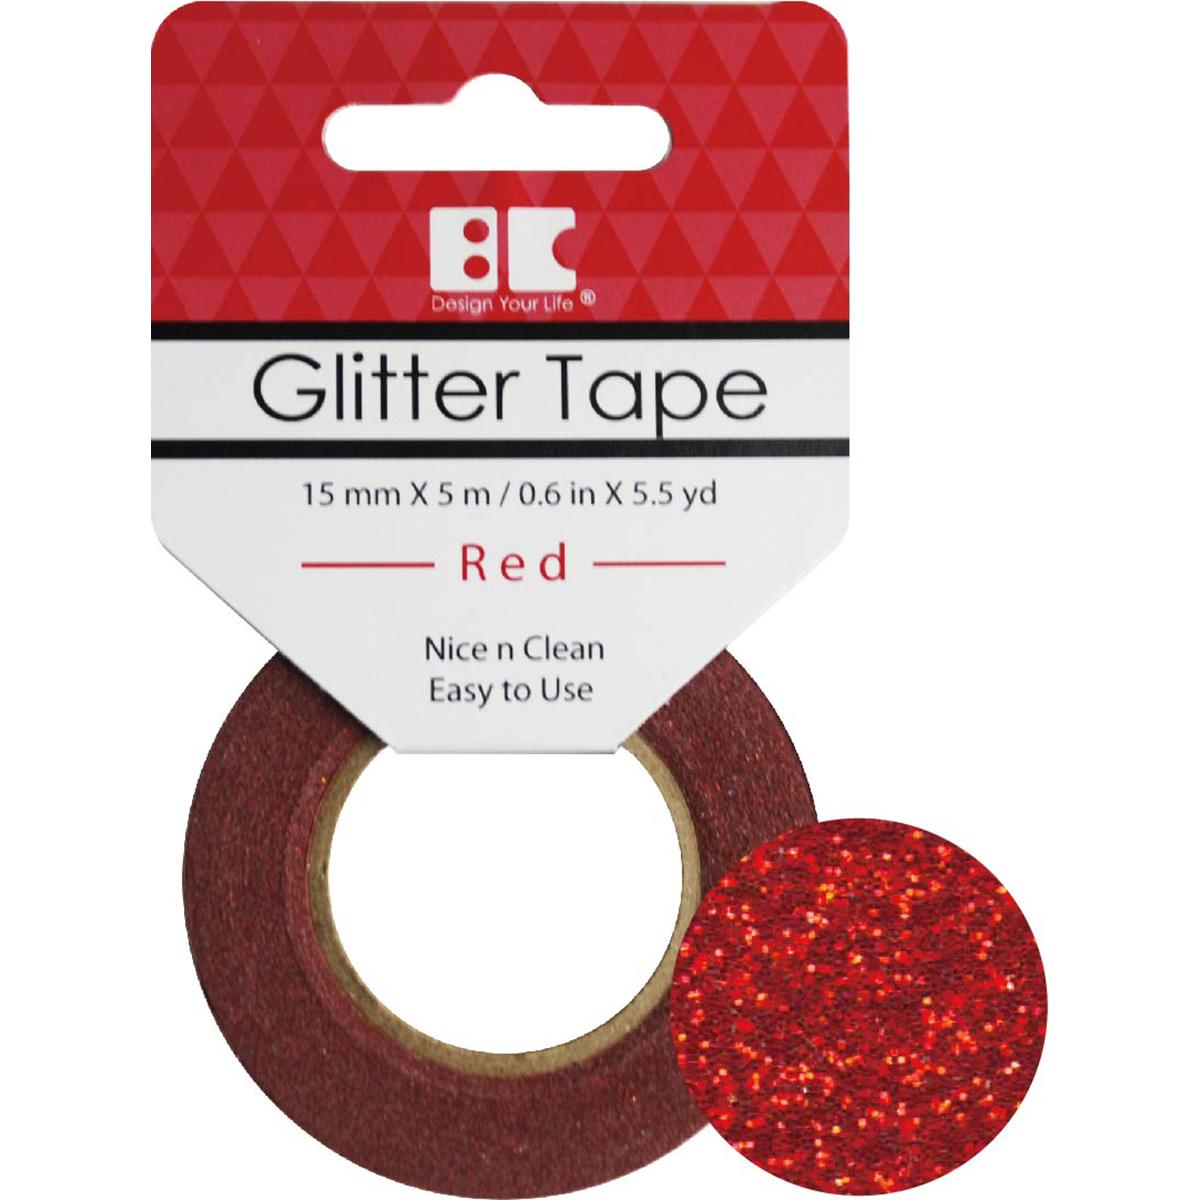 BC - Red Glitter Tape, 15mm x 5m